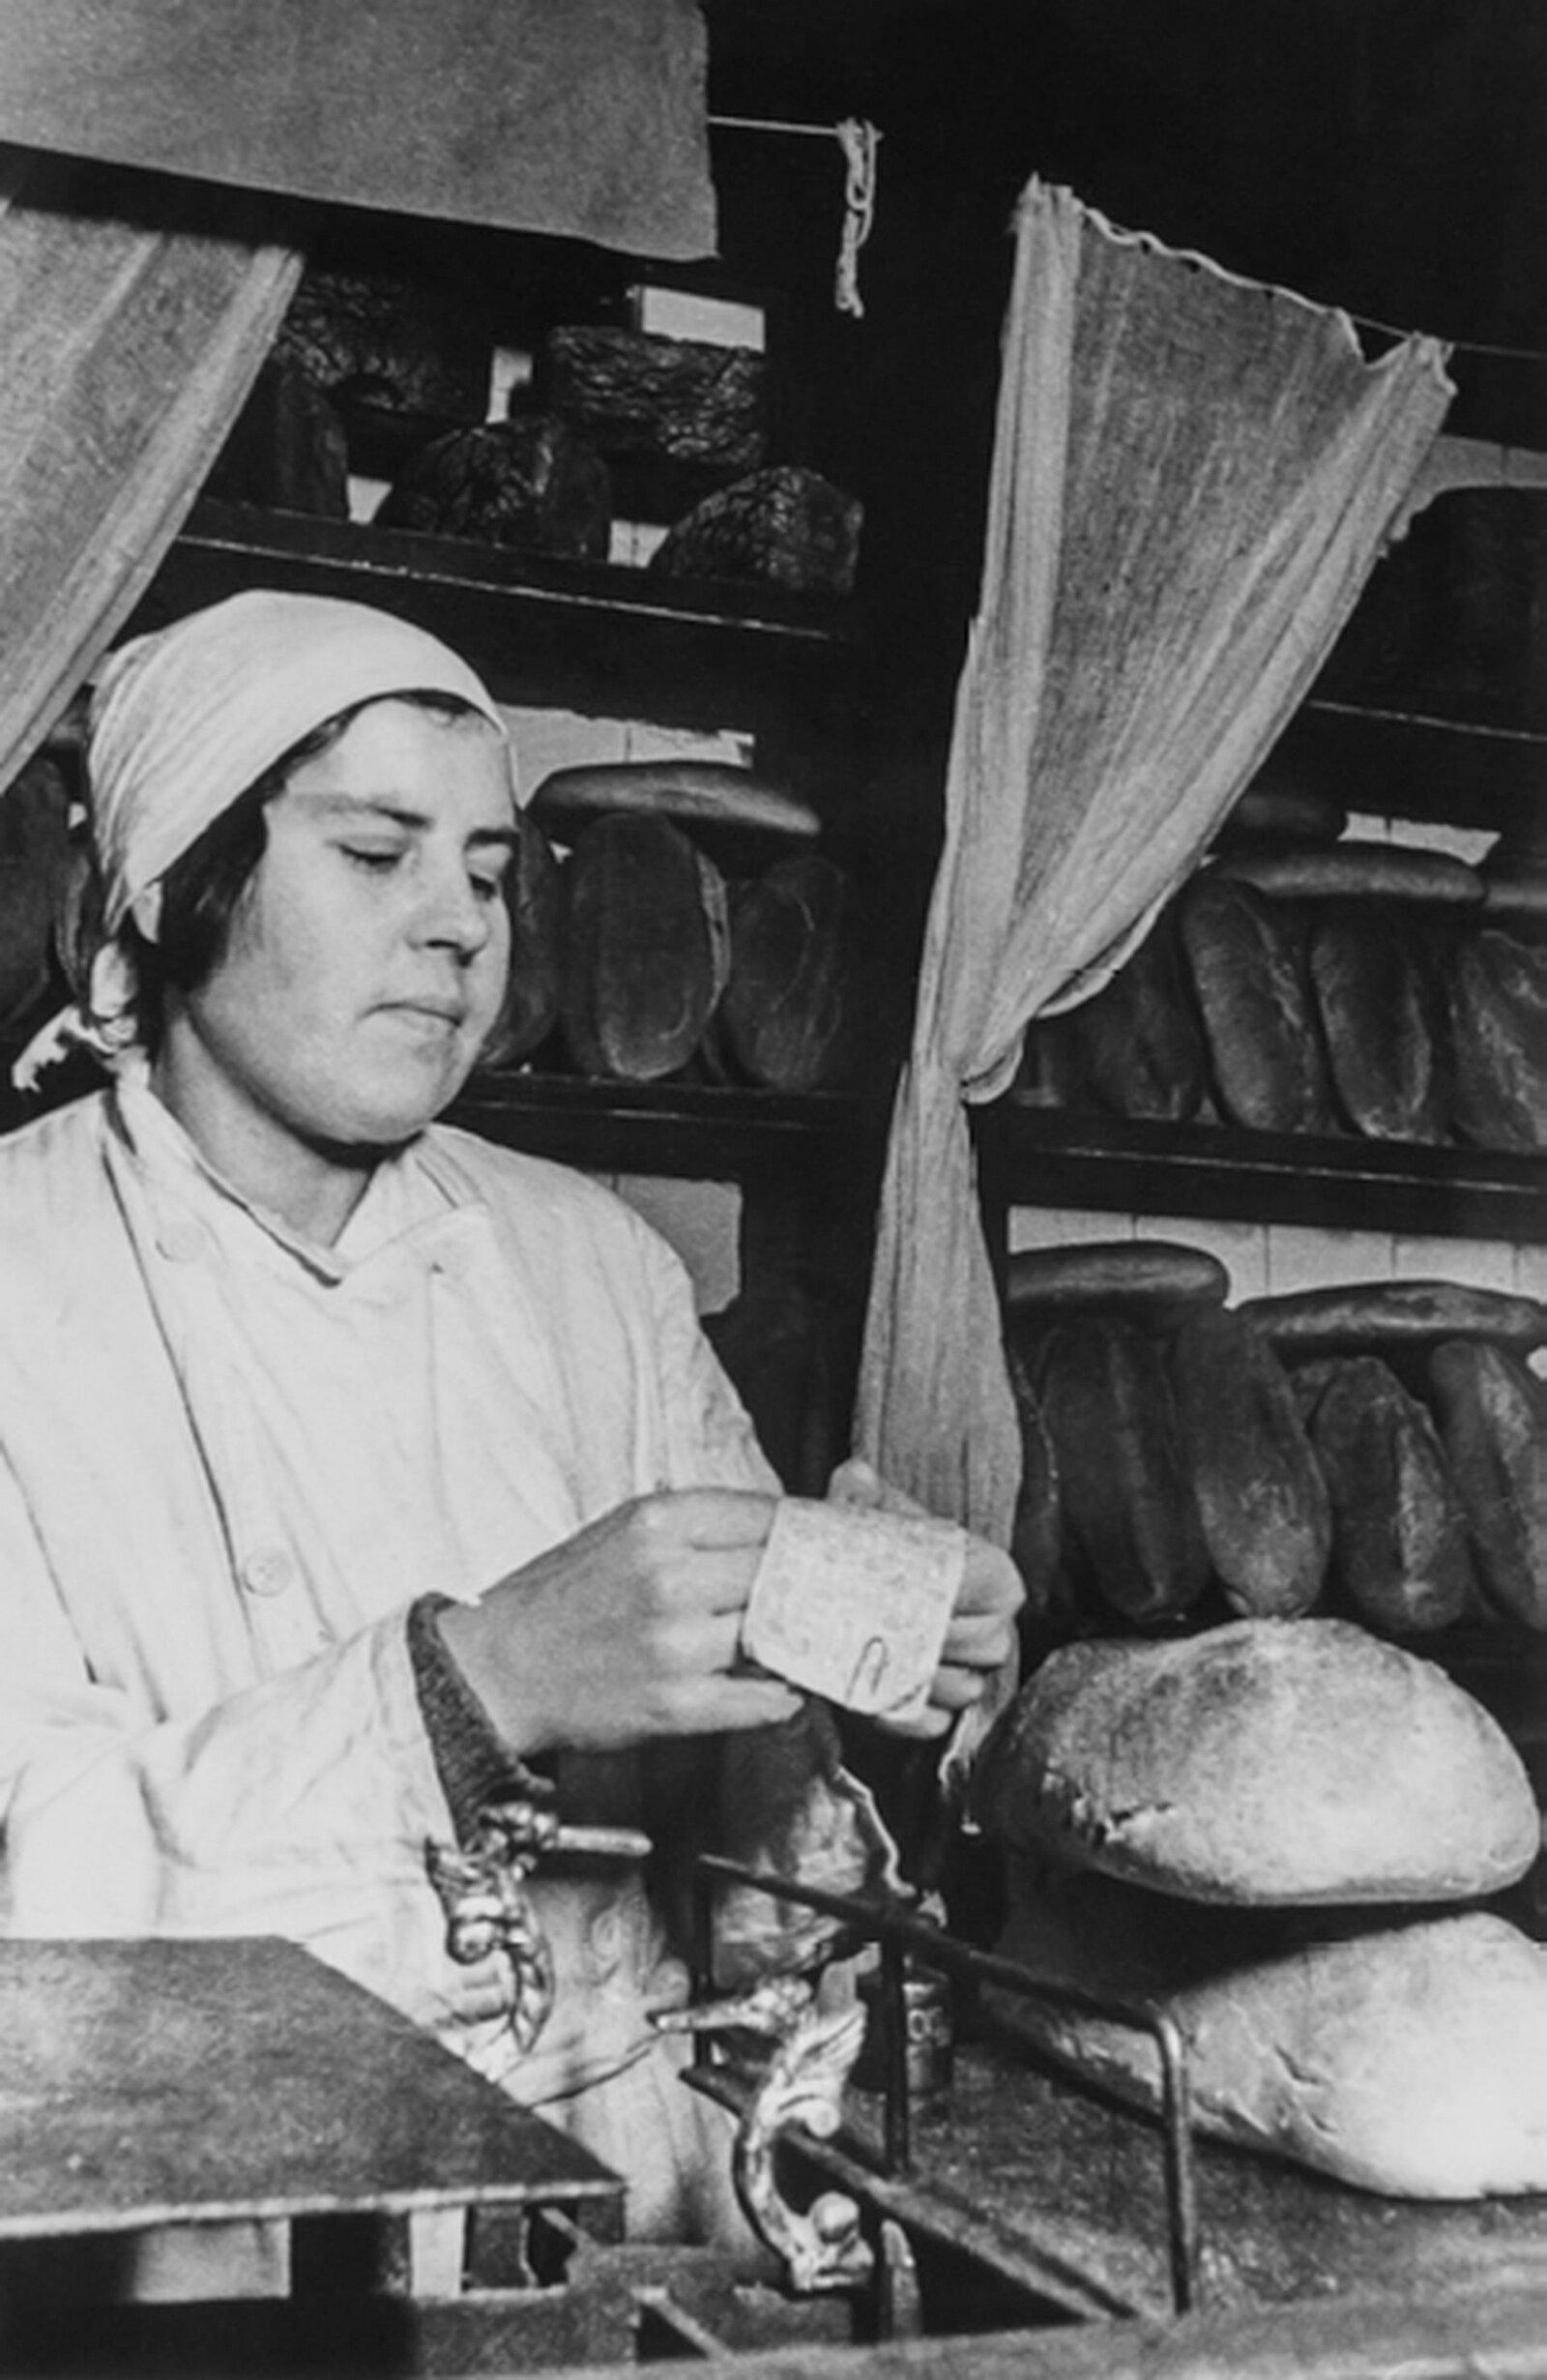 Выдача хлеба по карточкам в московской булочной. Фото Я. Халипа. 1943 год. Главархив Москвы